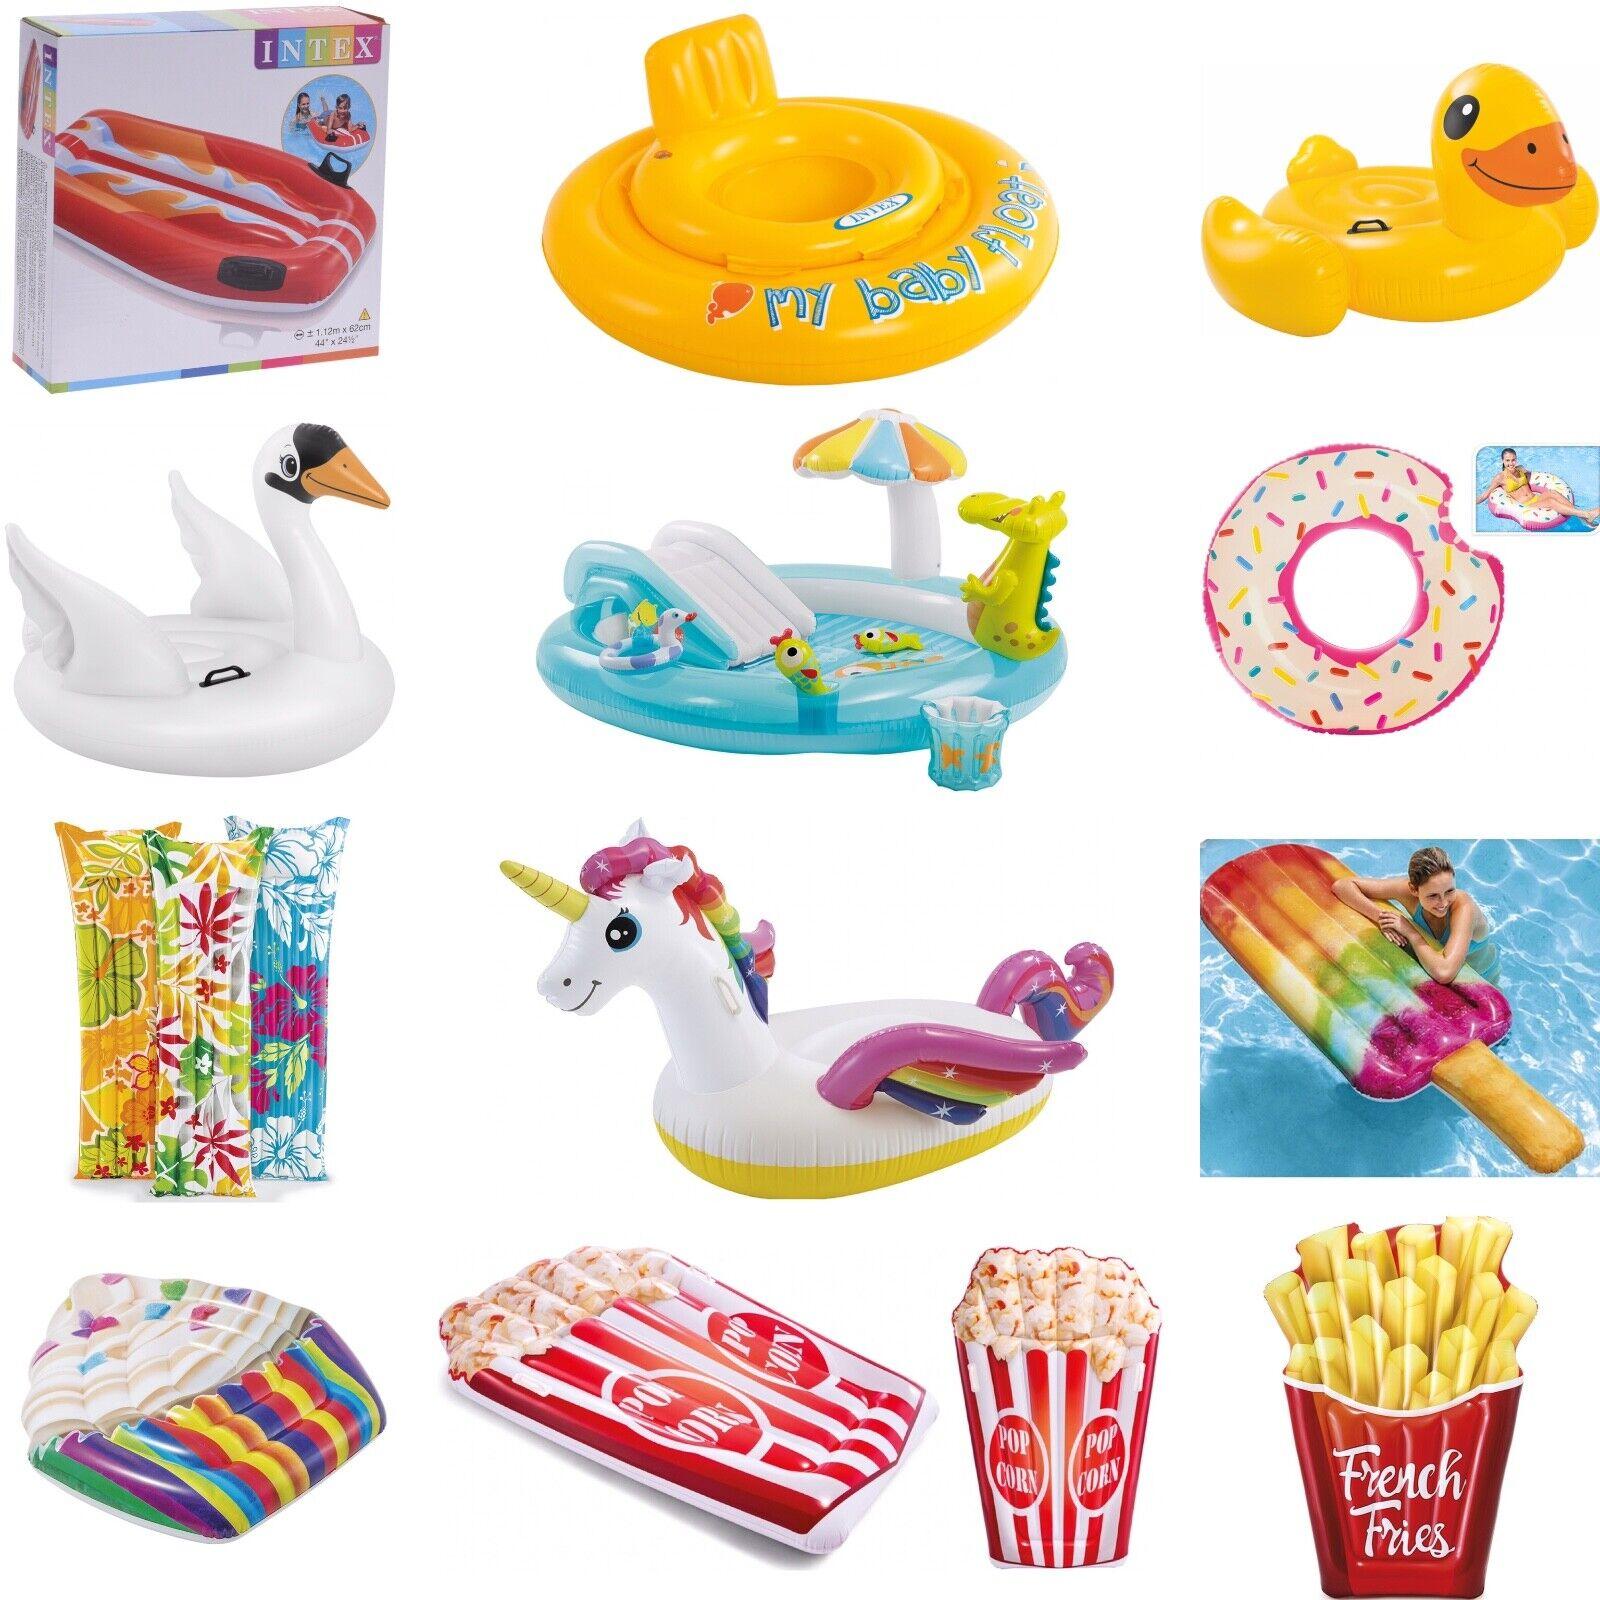 INTEX Luftmatratze Schwimmtier Schwimmring Badeinsel Wasser Kinder Baby Pool